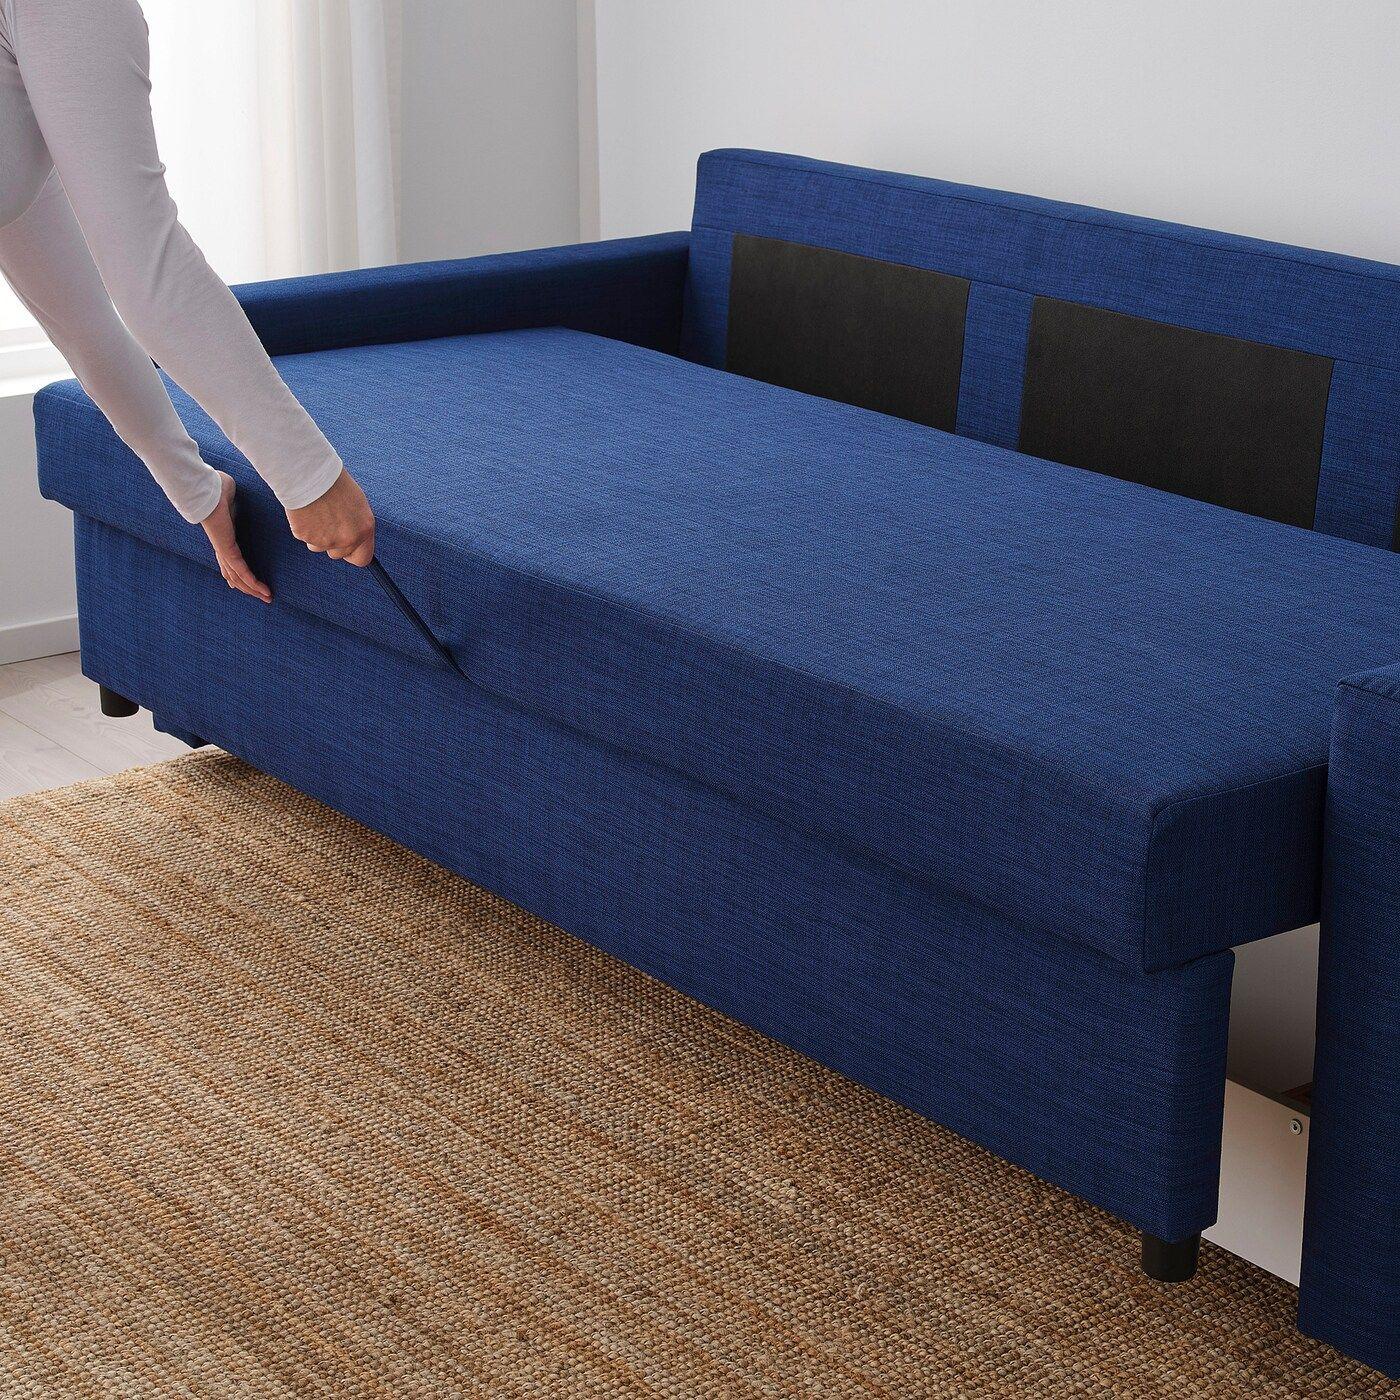 FRIHETEN 3er-Bettsofa Skiftebo blau | Sofa, Bettsofa und Ikea